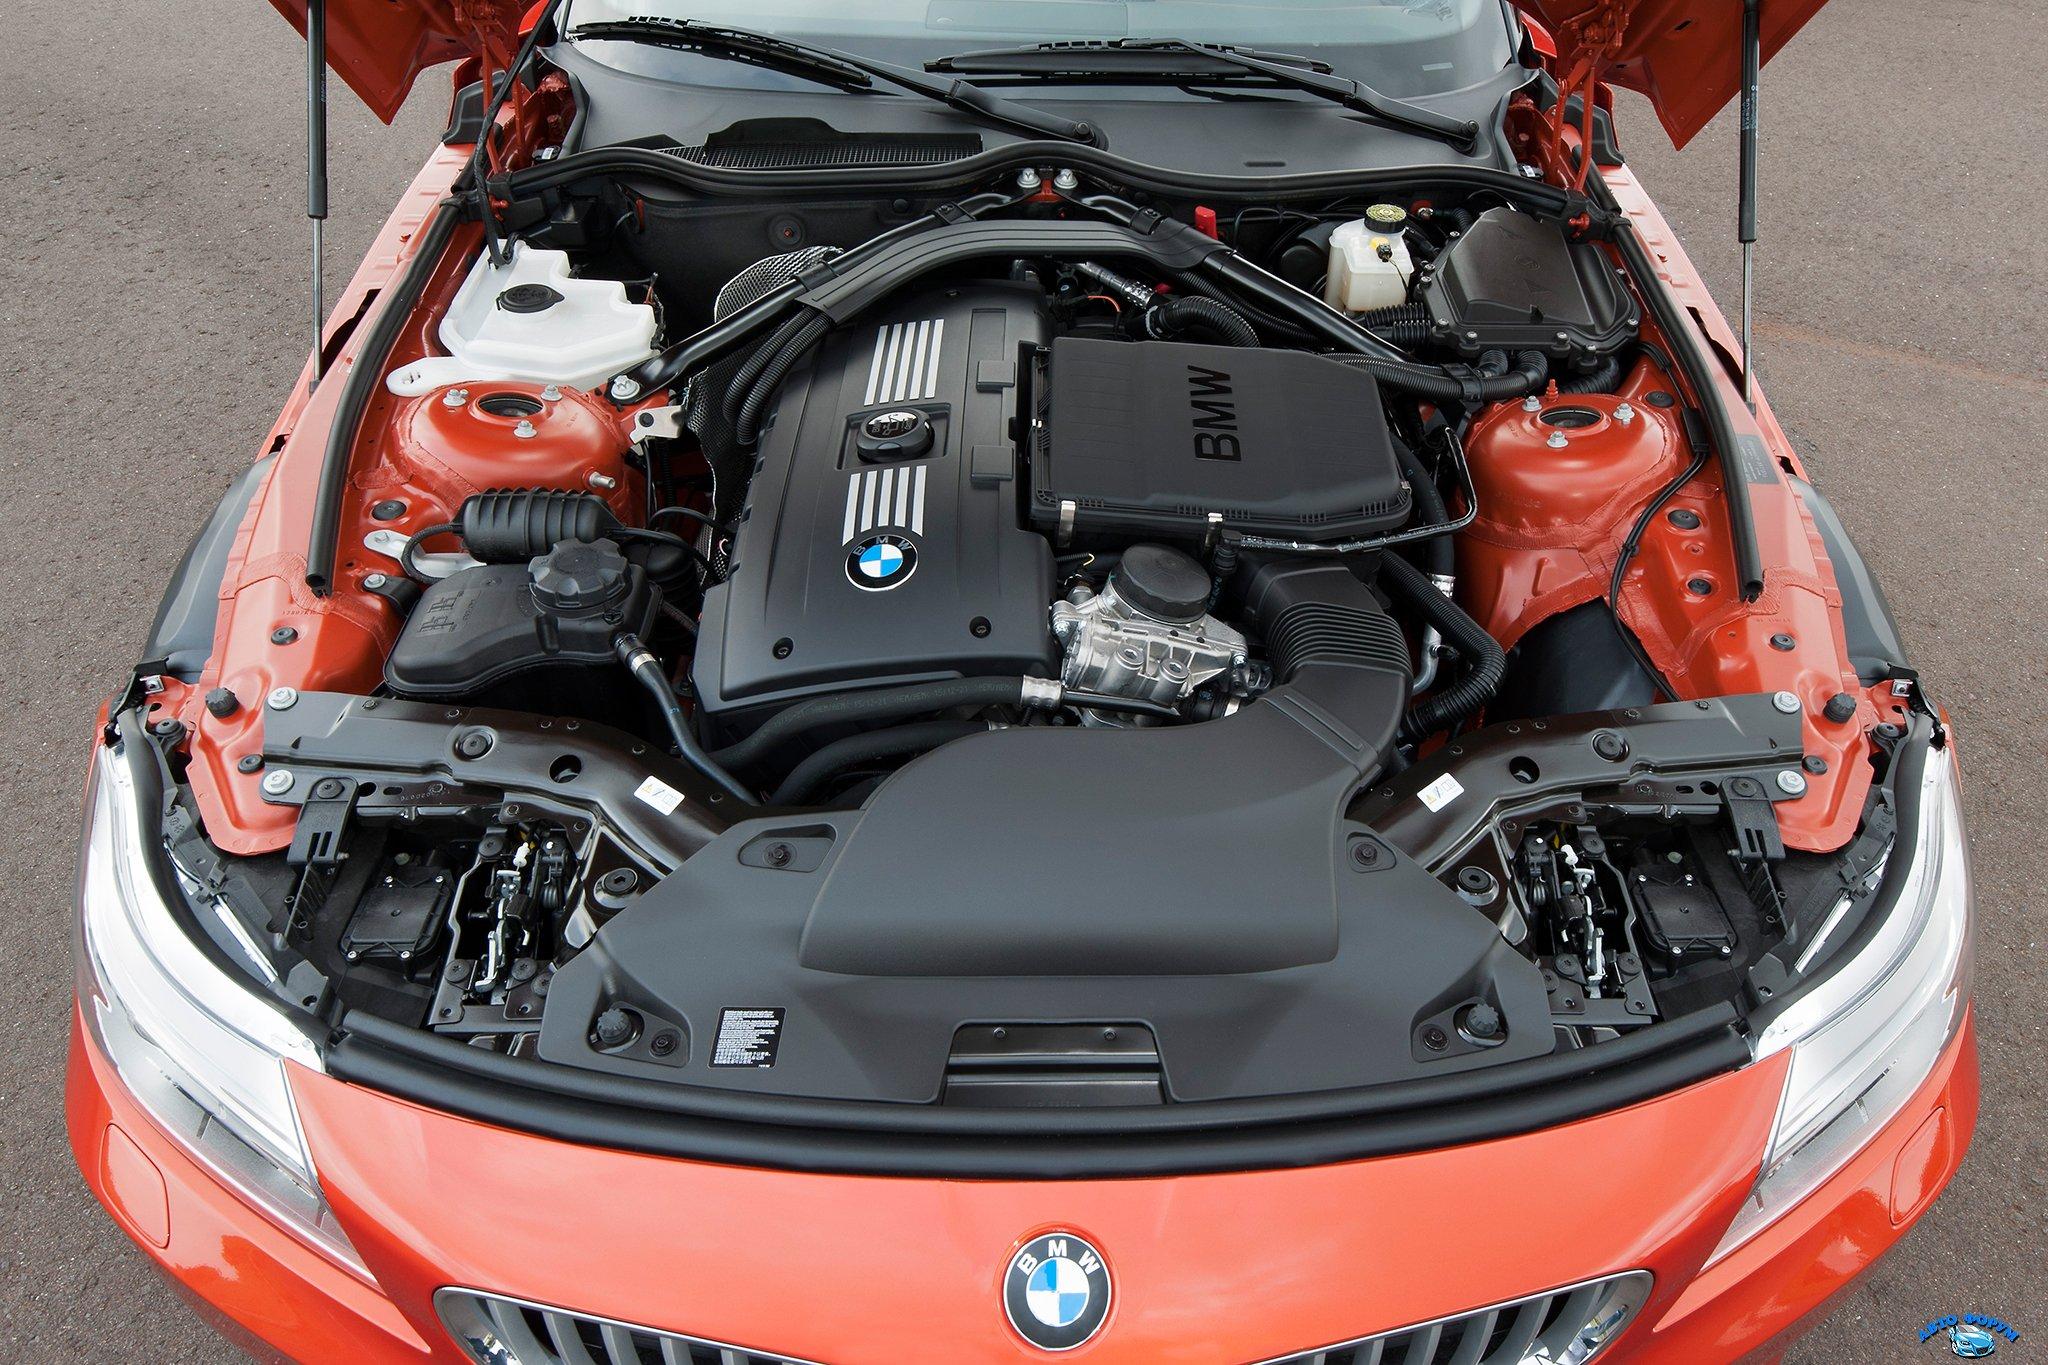 2014-BMW-Z4-engine-view.jpg